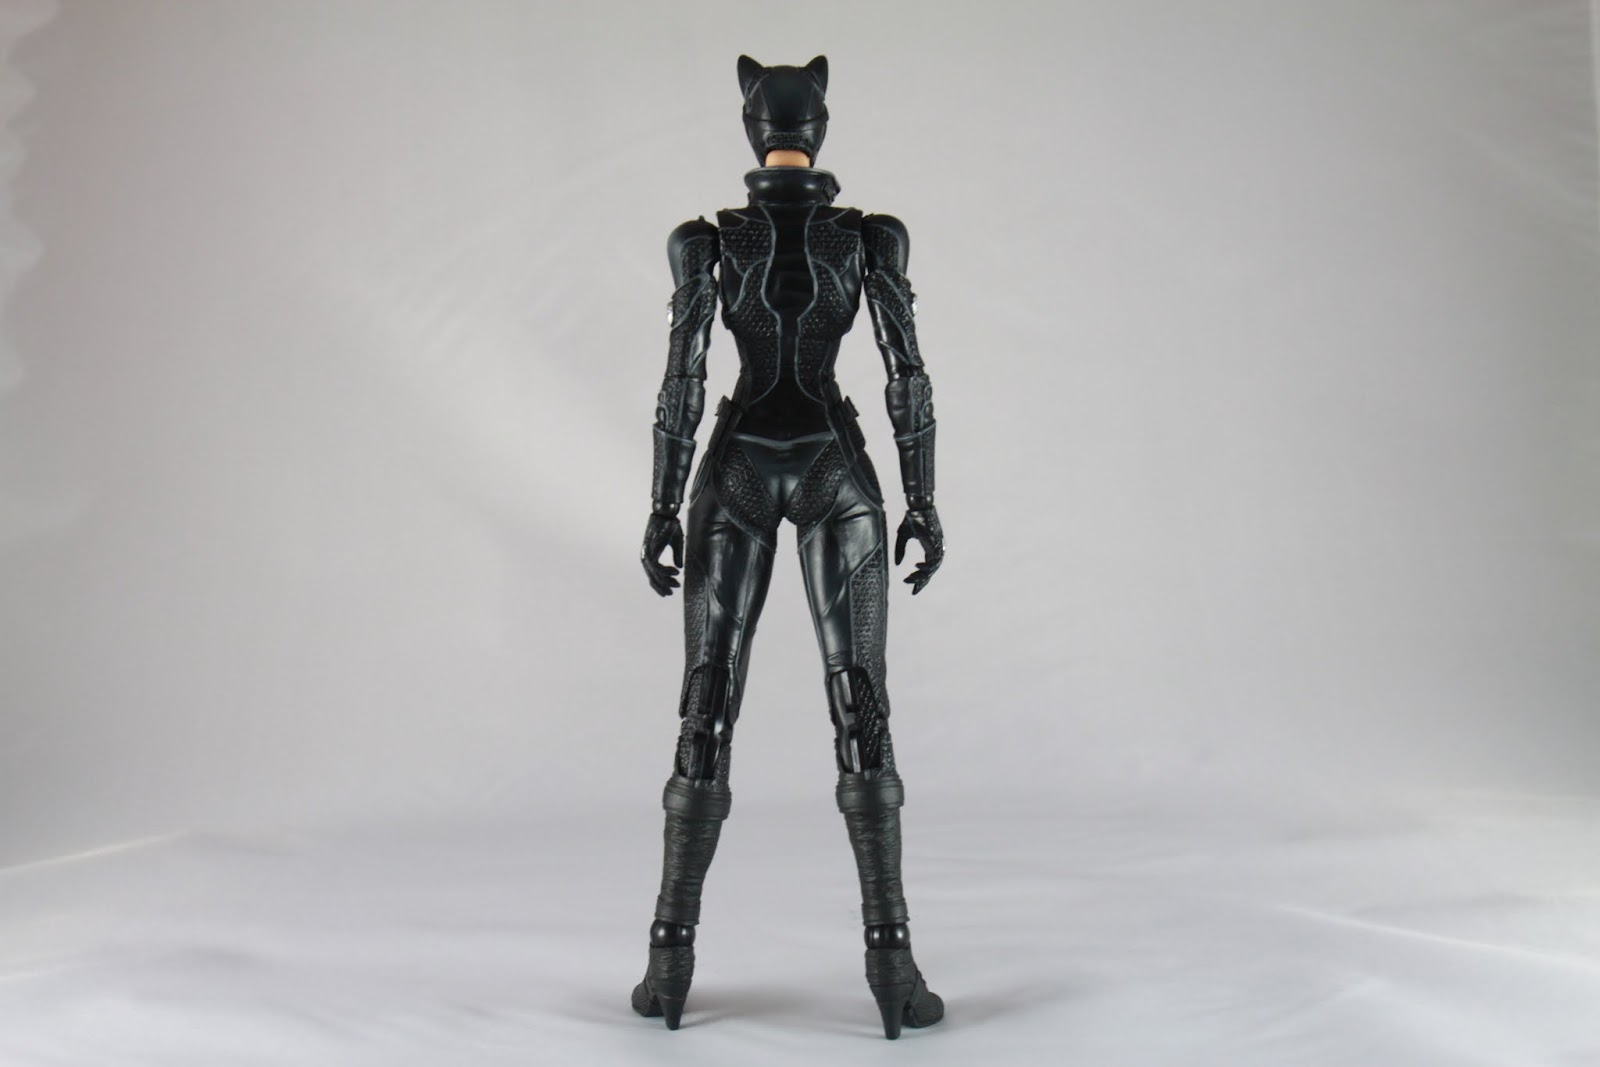 背部身形 其實比較起來比之前的Harley Quinn來的漂亮 Harley Quinn因為肩膀衣服的樣式導致感覺很大隻